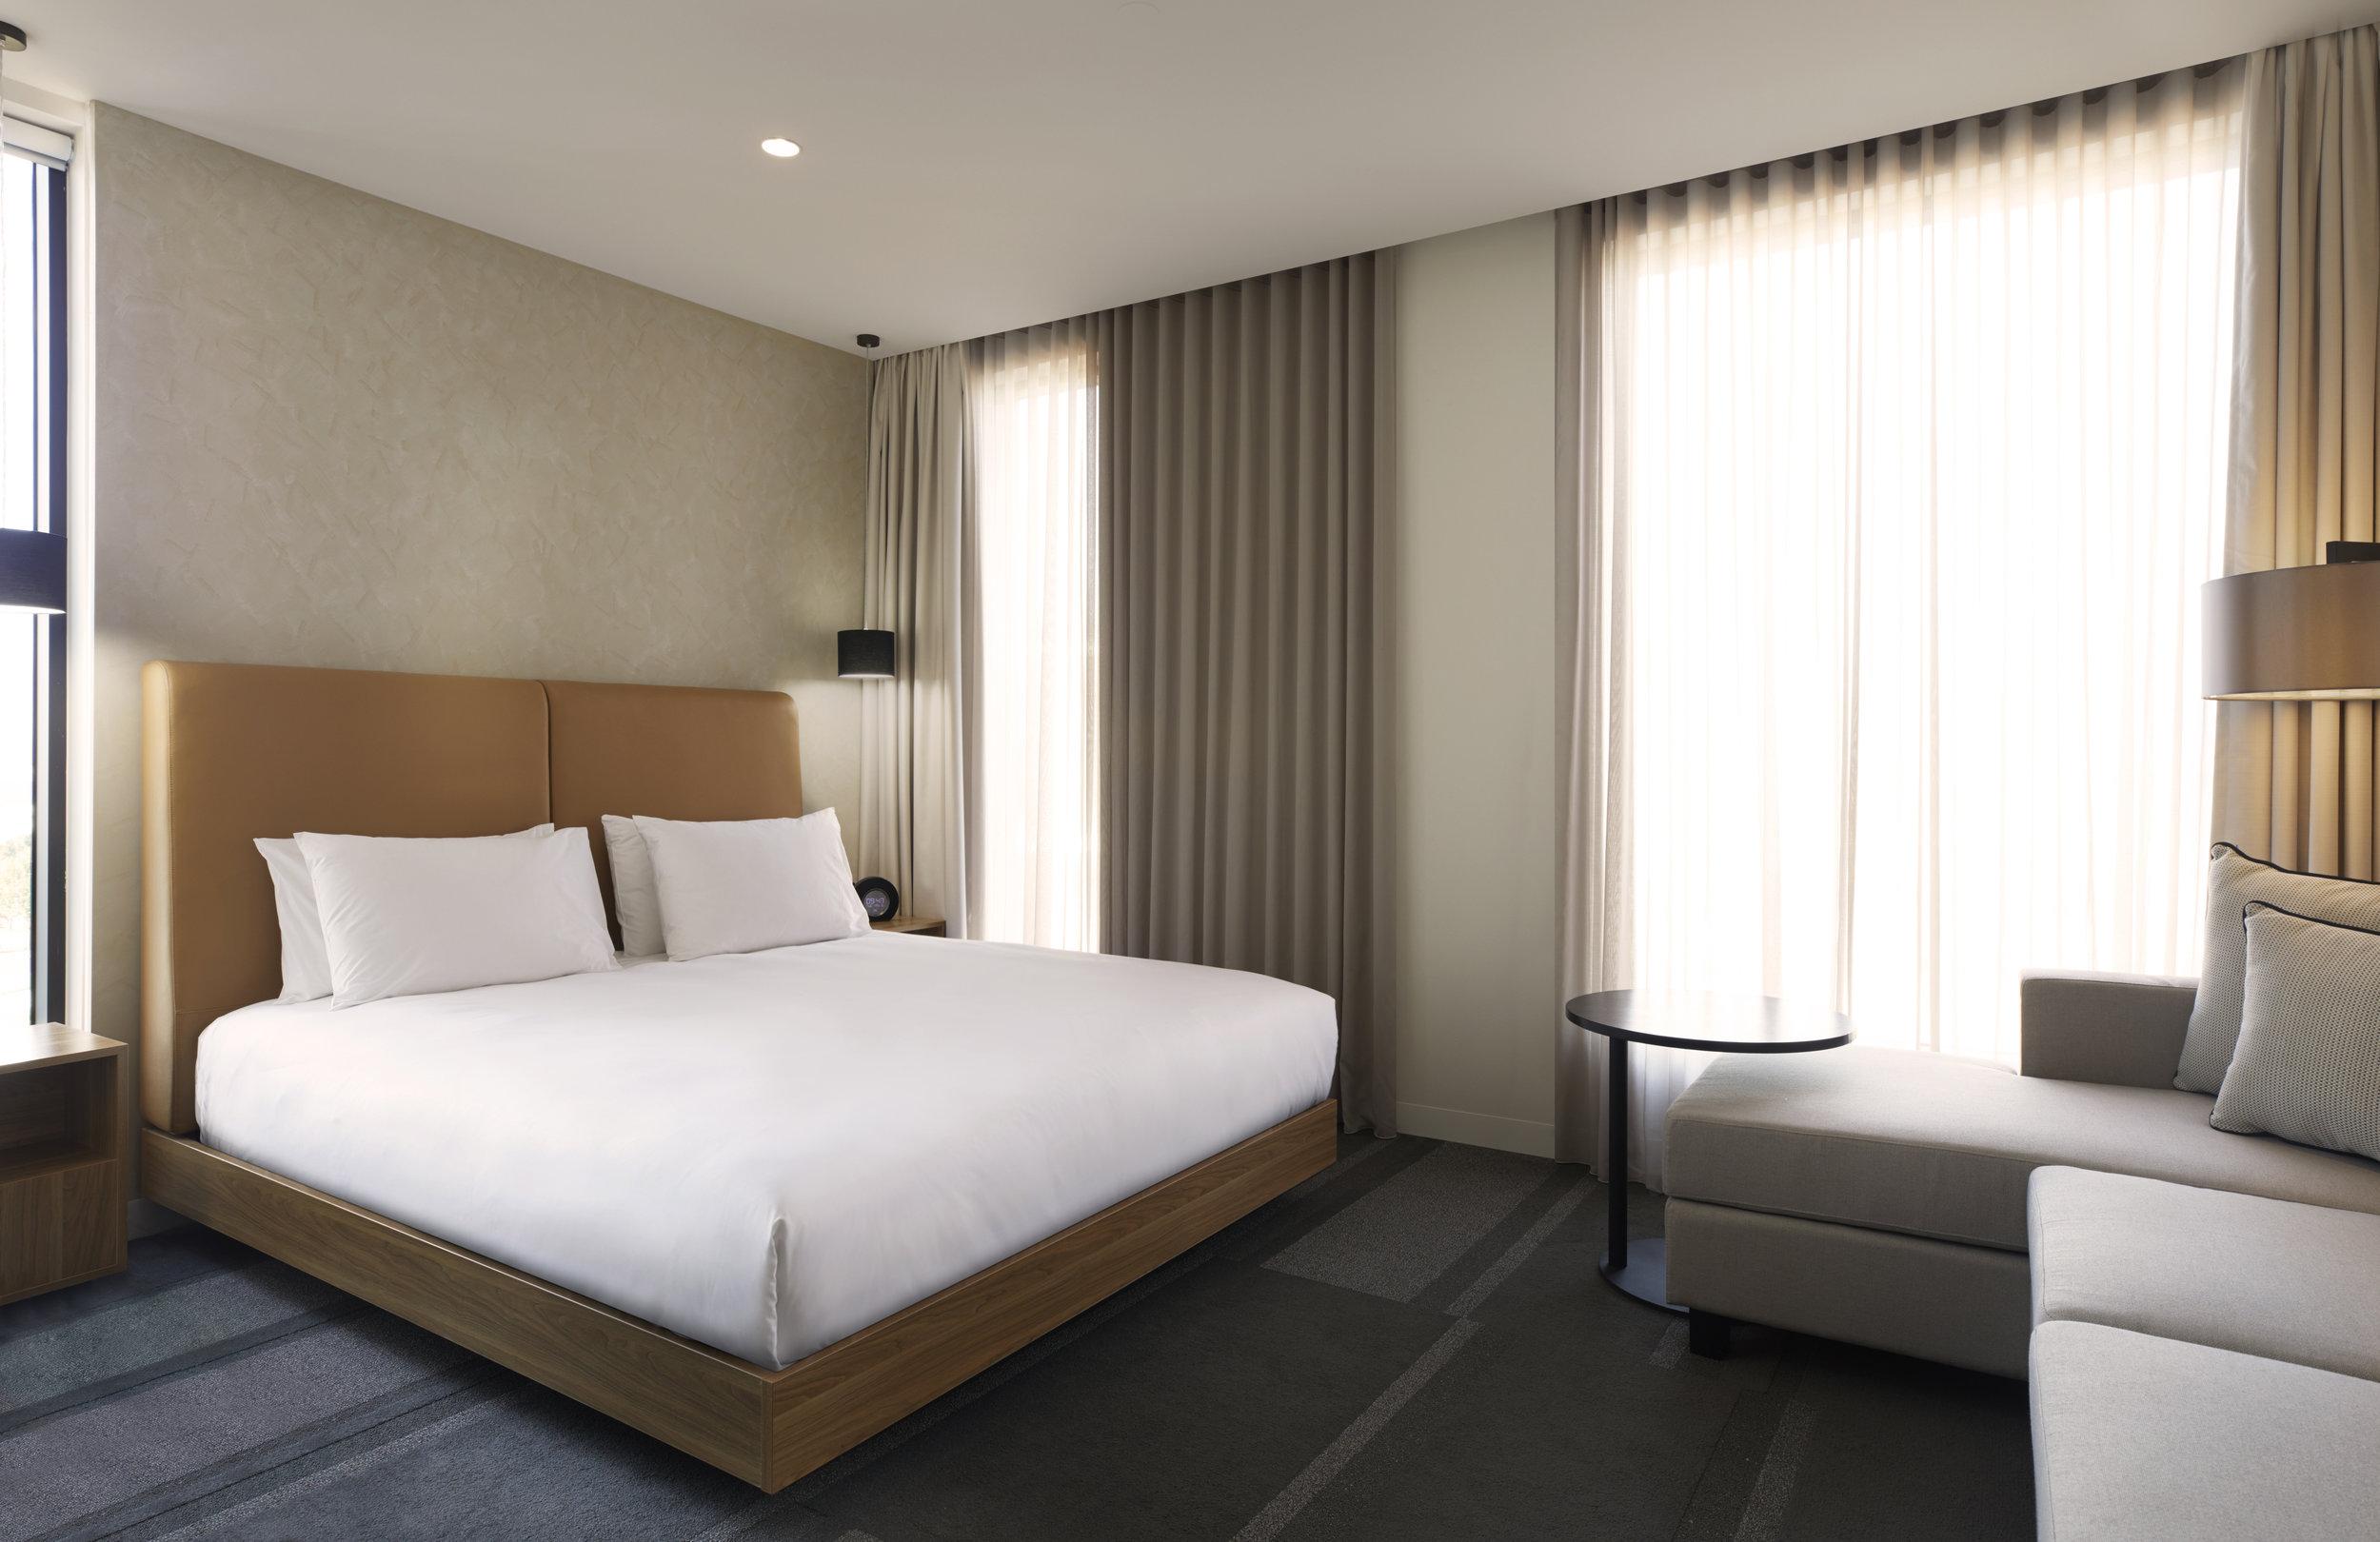 Hyatt Place Melbourne - King Room.jpg